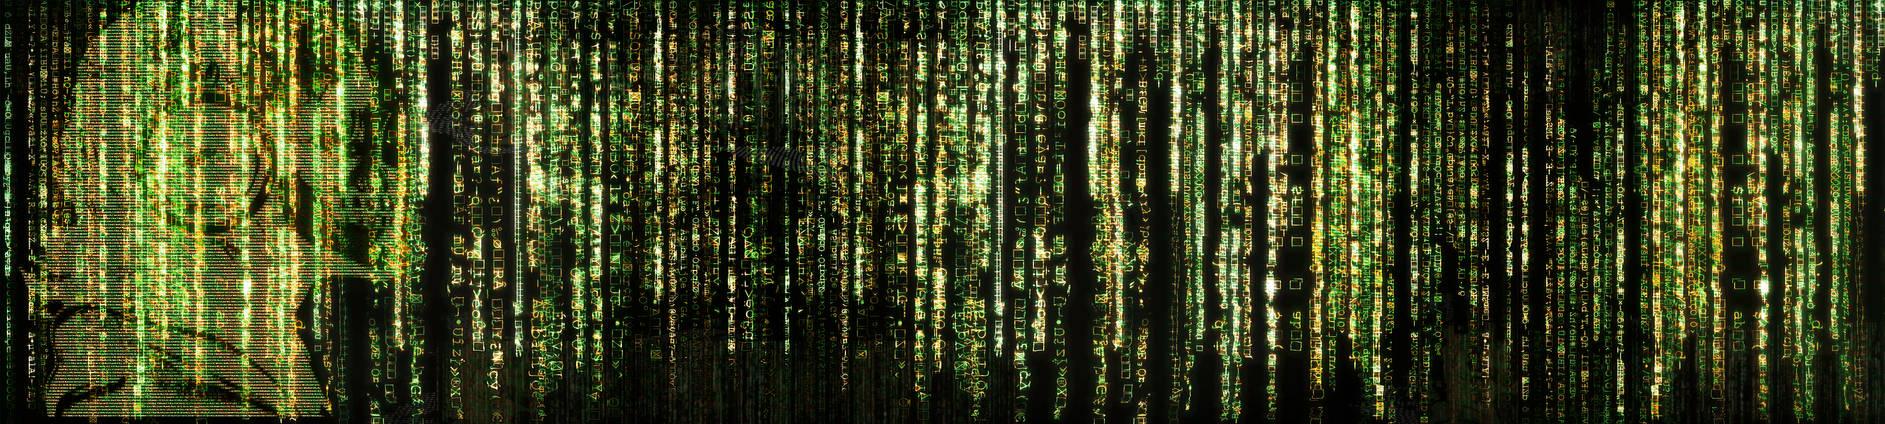 Matrix-esque Desktop Wallpaper (3 Monitor)